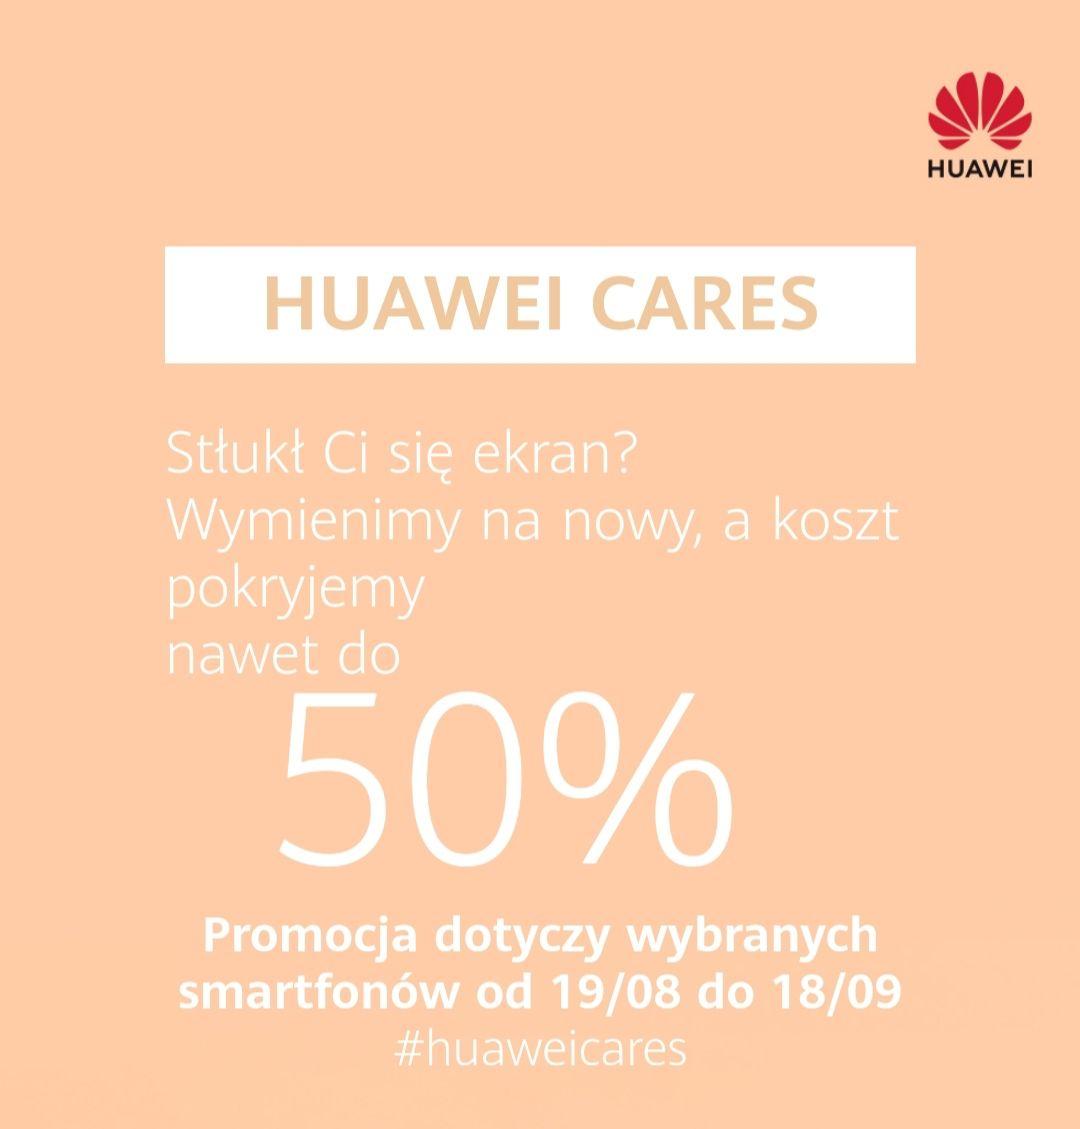 Wymiana zbitego ekranu w serwisie Huawei do -50% (+ darmowa wymiana baterii w wybranych modelach)